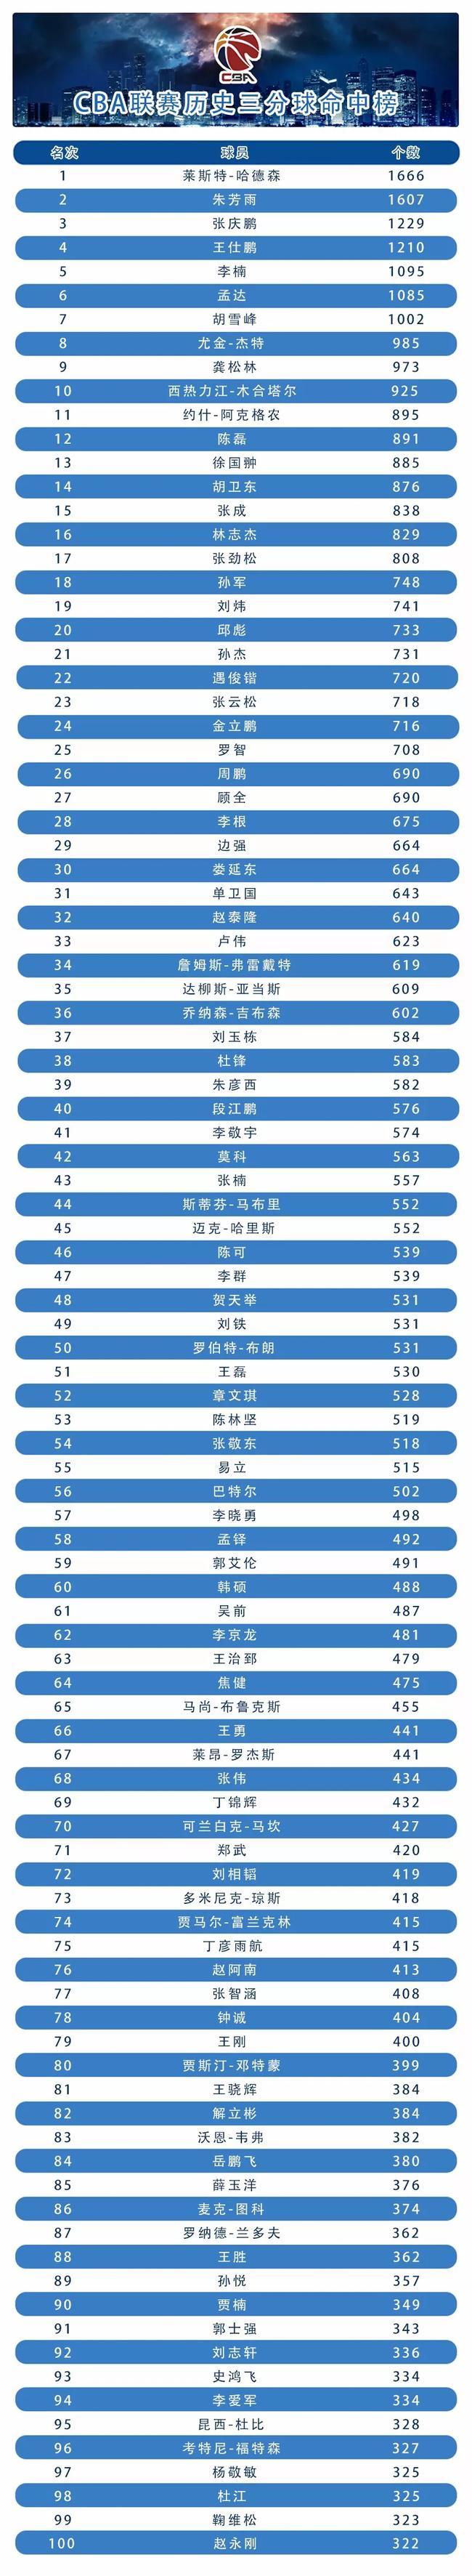 CBA歷史三分榜:郭艾倫僅第59 老隊友高居第1